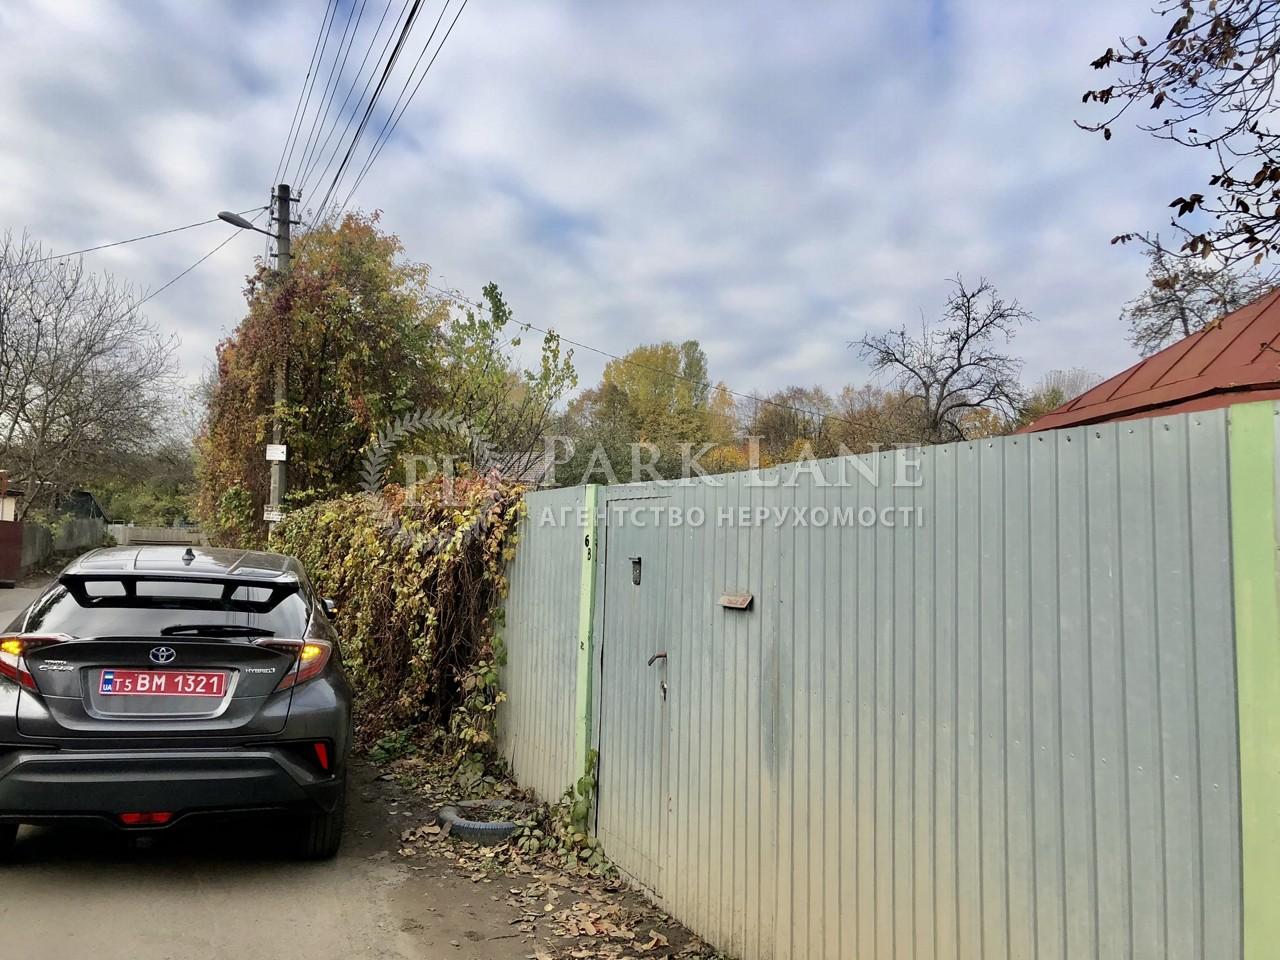 Земельный участок ул. Чабановская, Киев, R-36199 - Фото 8